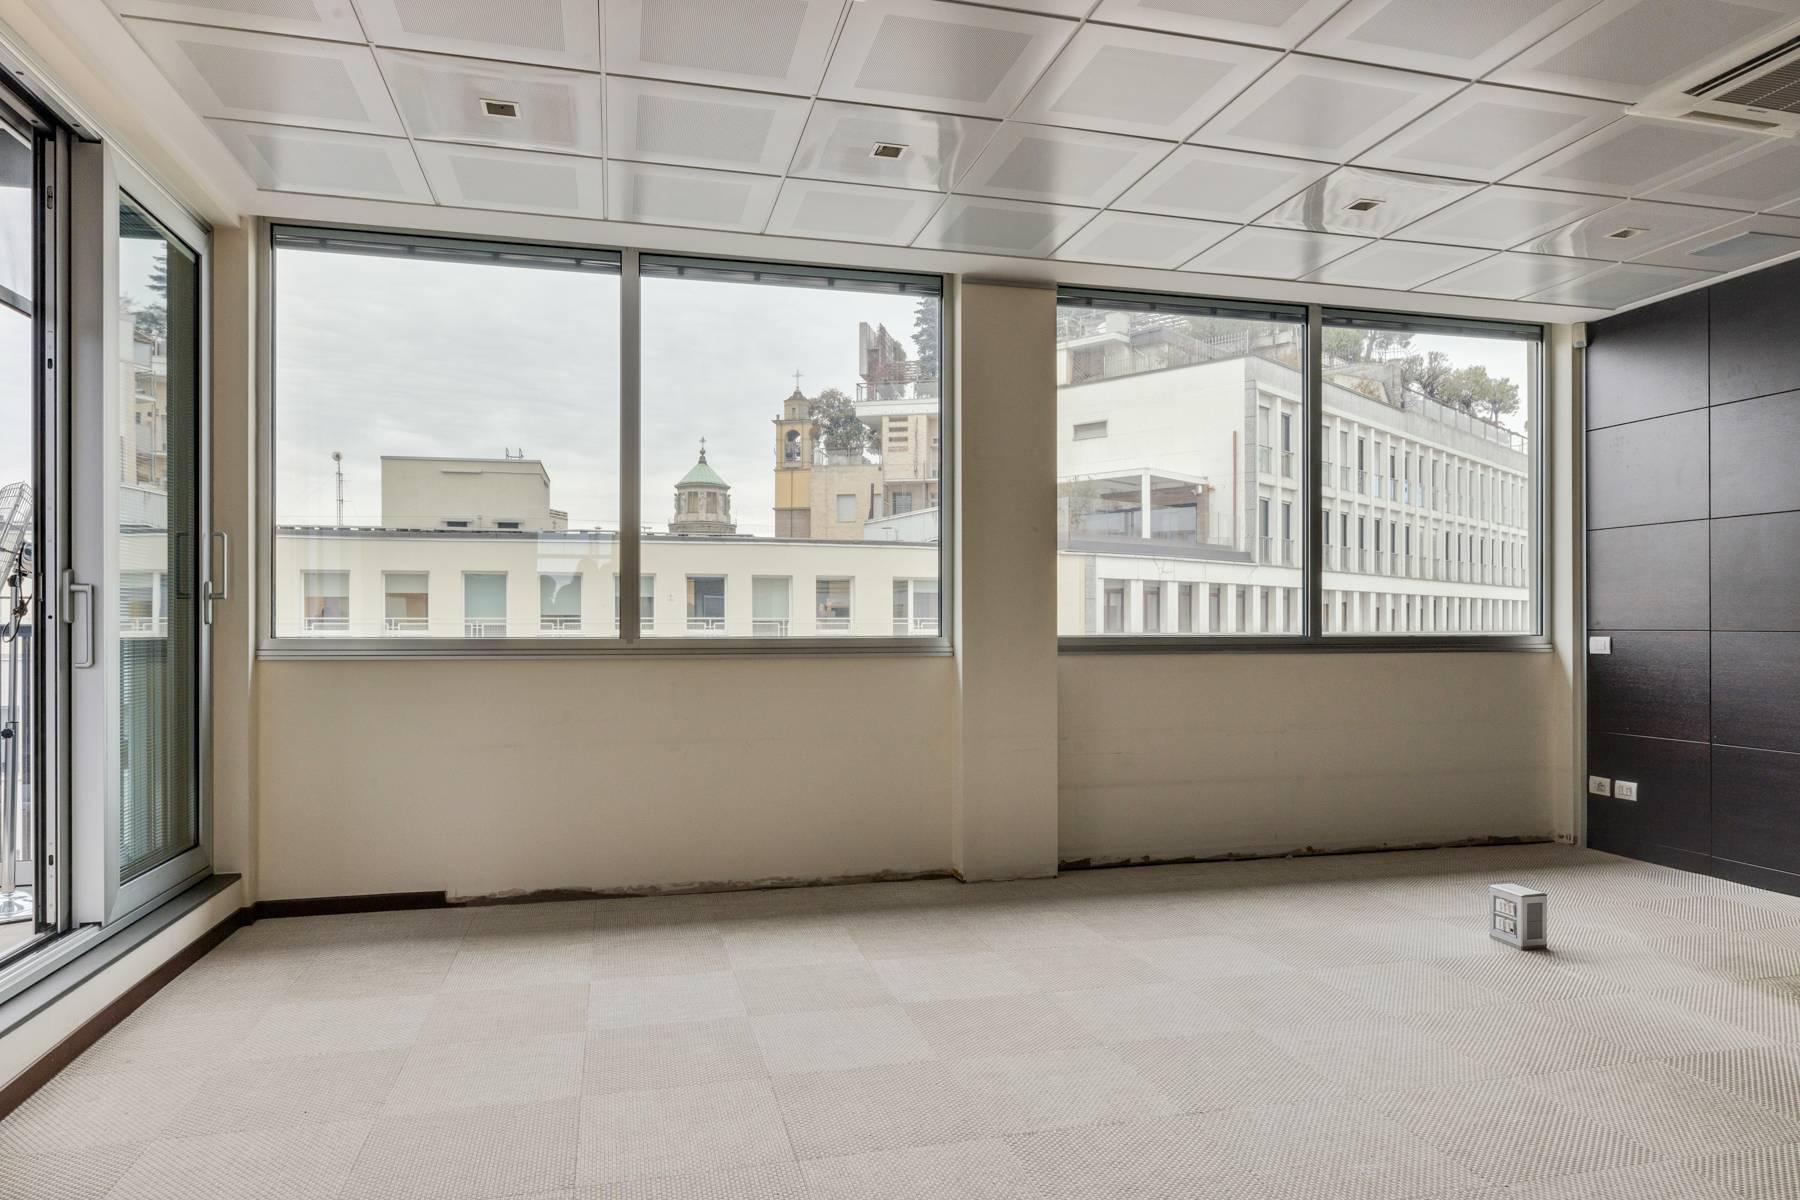 Ufficio-studio in Affitto a Milano: 0 locali, 250 mq - Foto 6